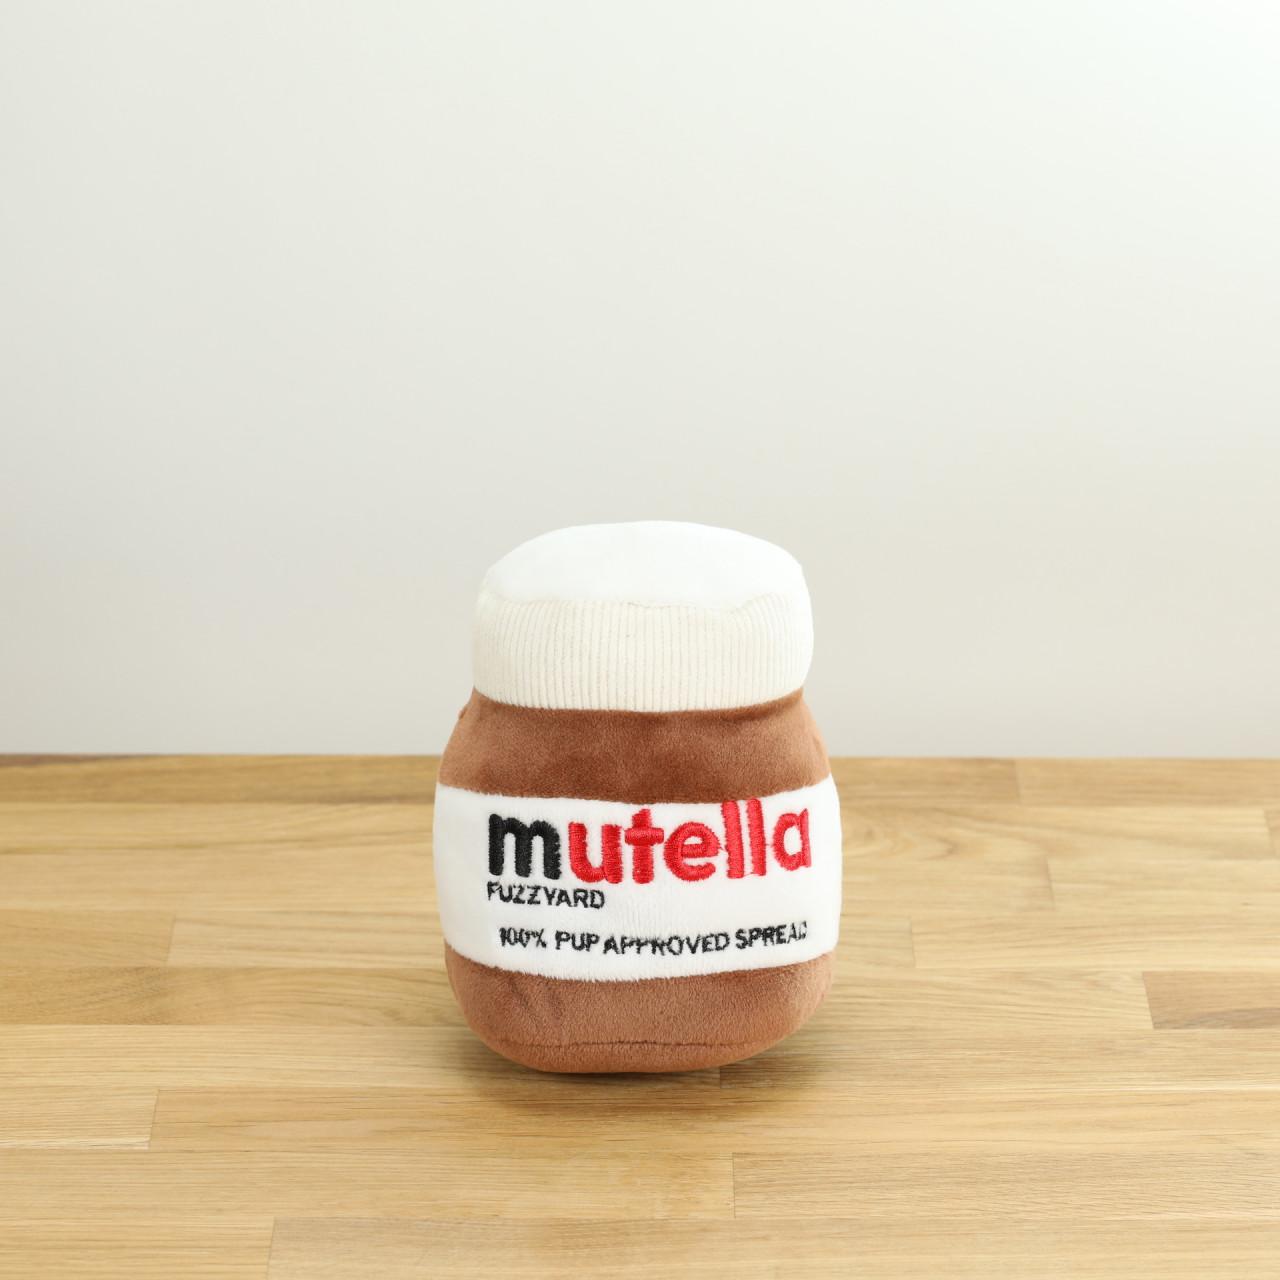 Hundespielzeug Mutella, das Plüsch-Nutella